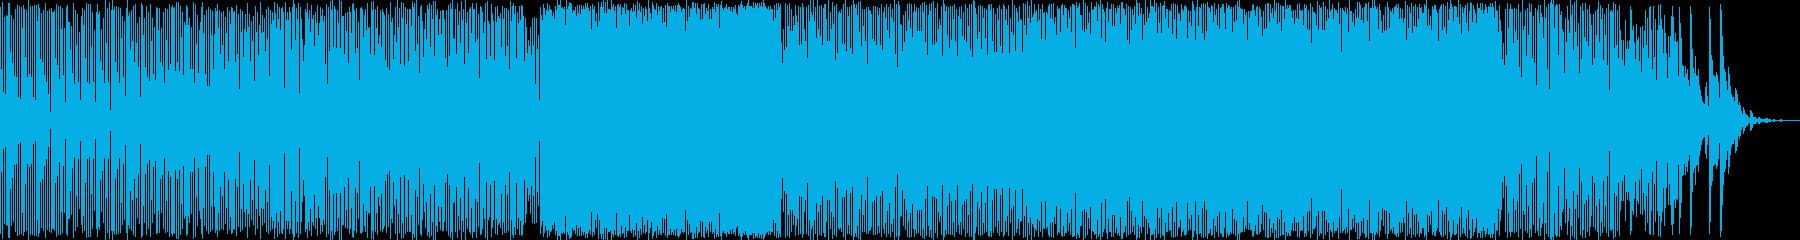 爽やかな印象のテクノ曲の再生済みの波形